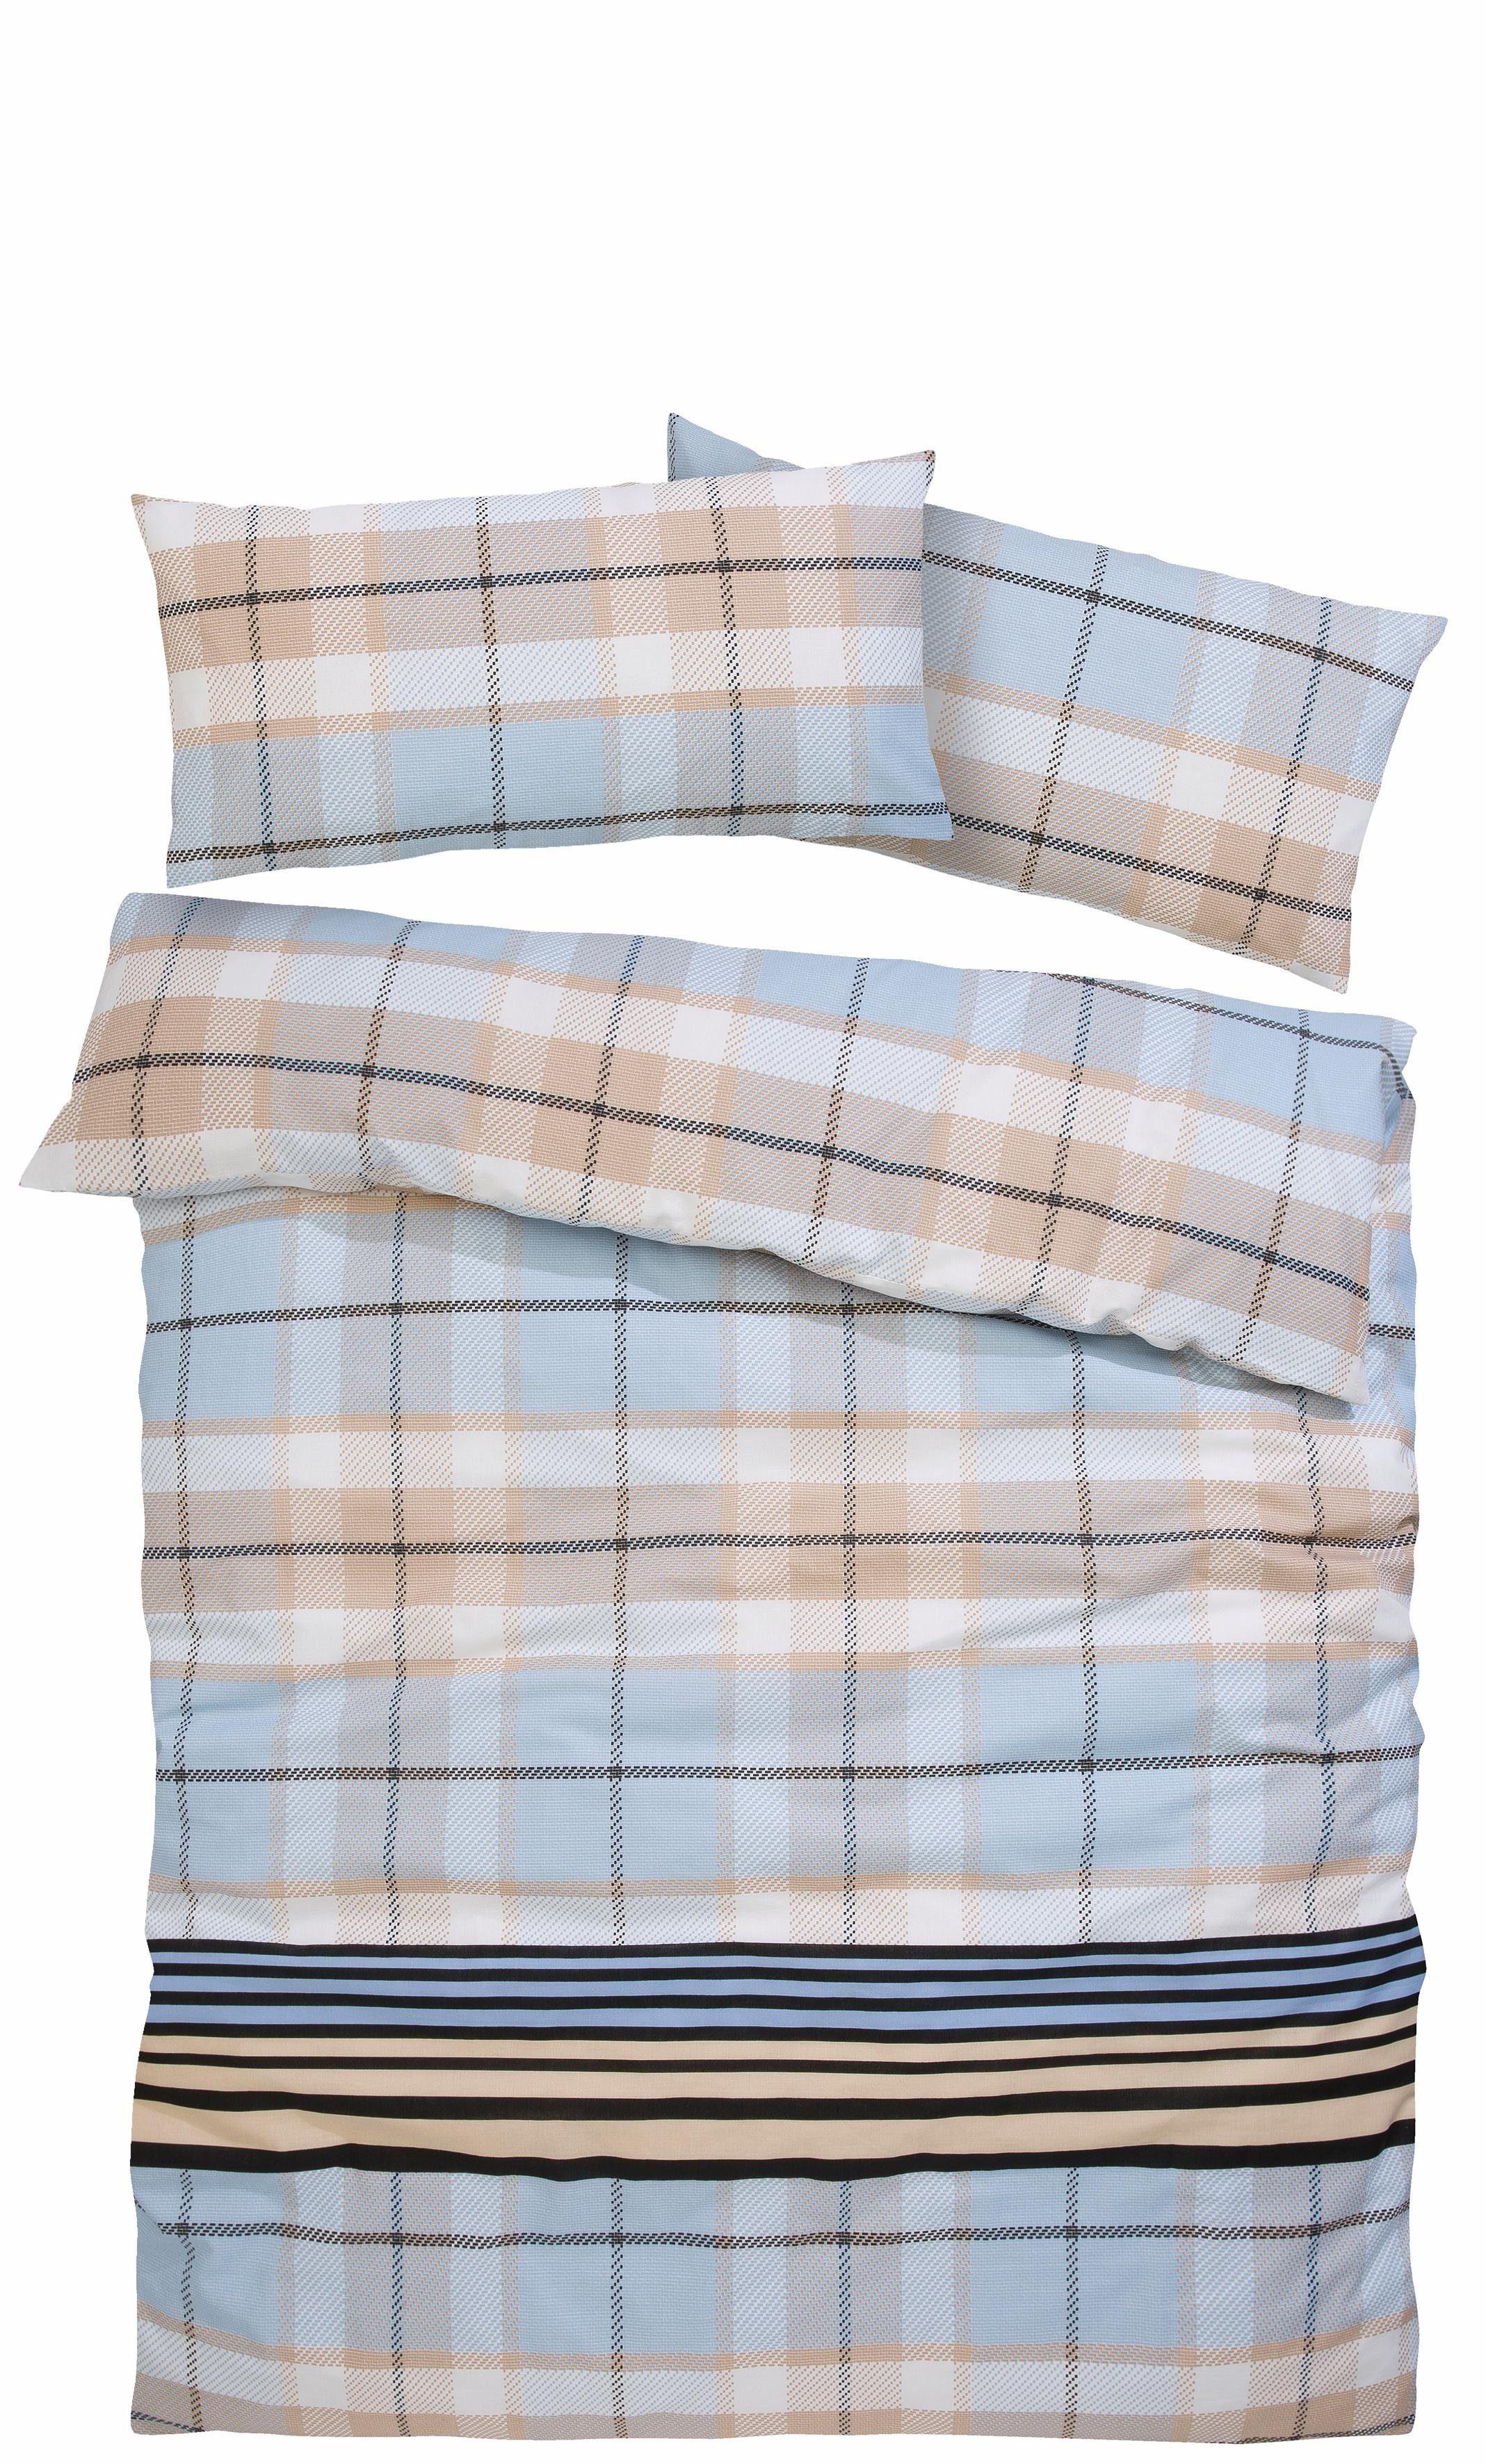 Bettwäsche »Antar«, my home, im strukturierten Karo-Design